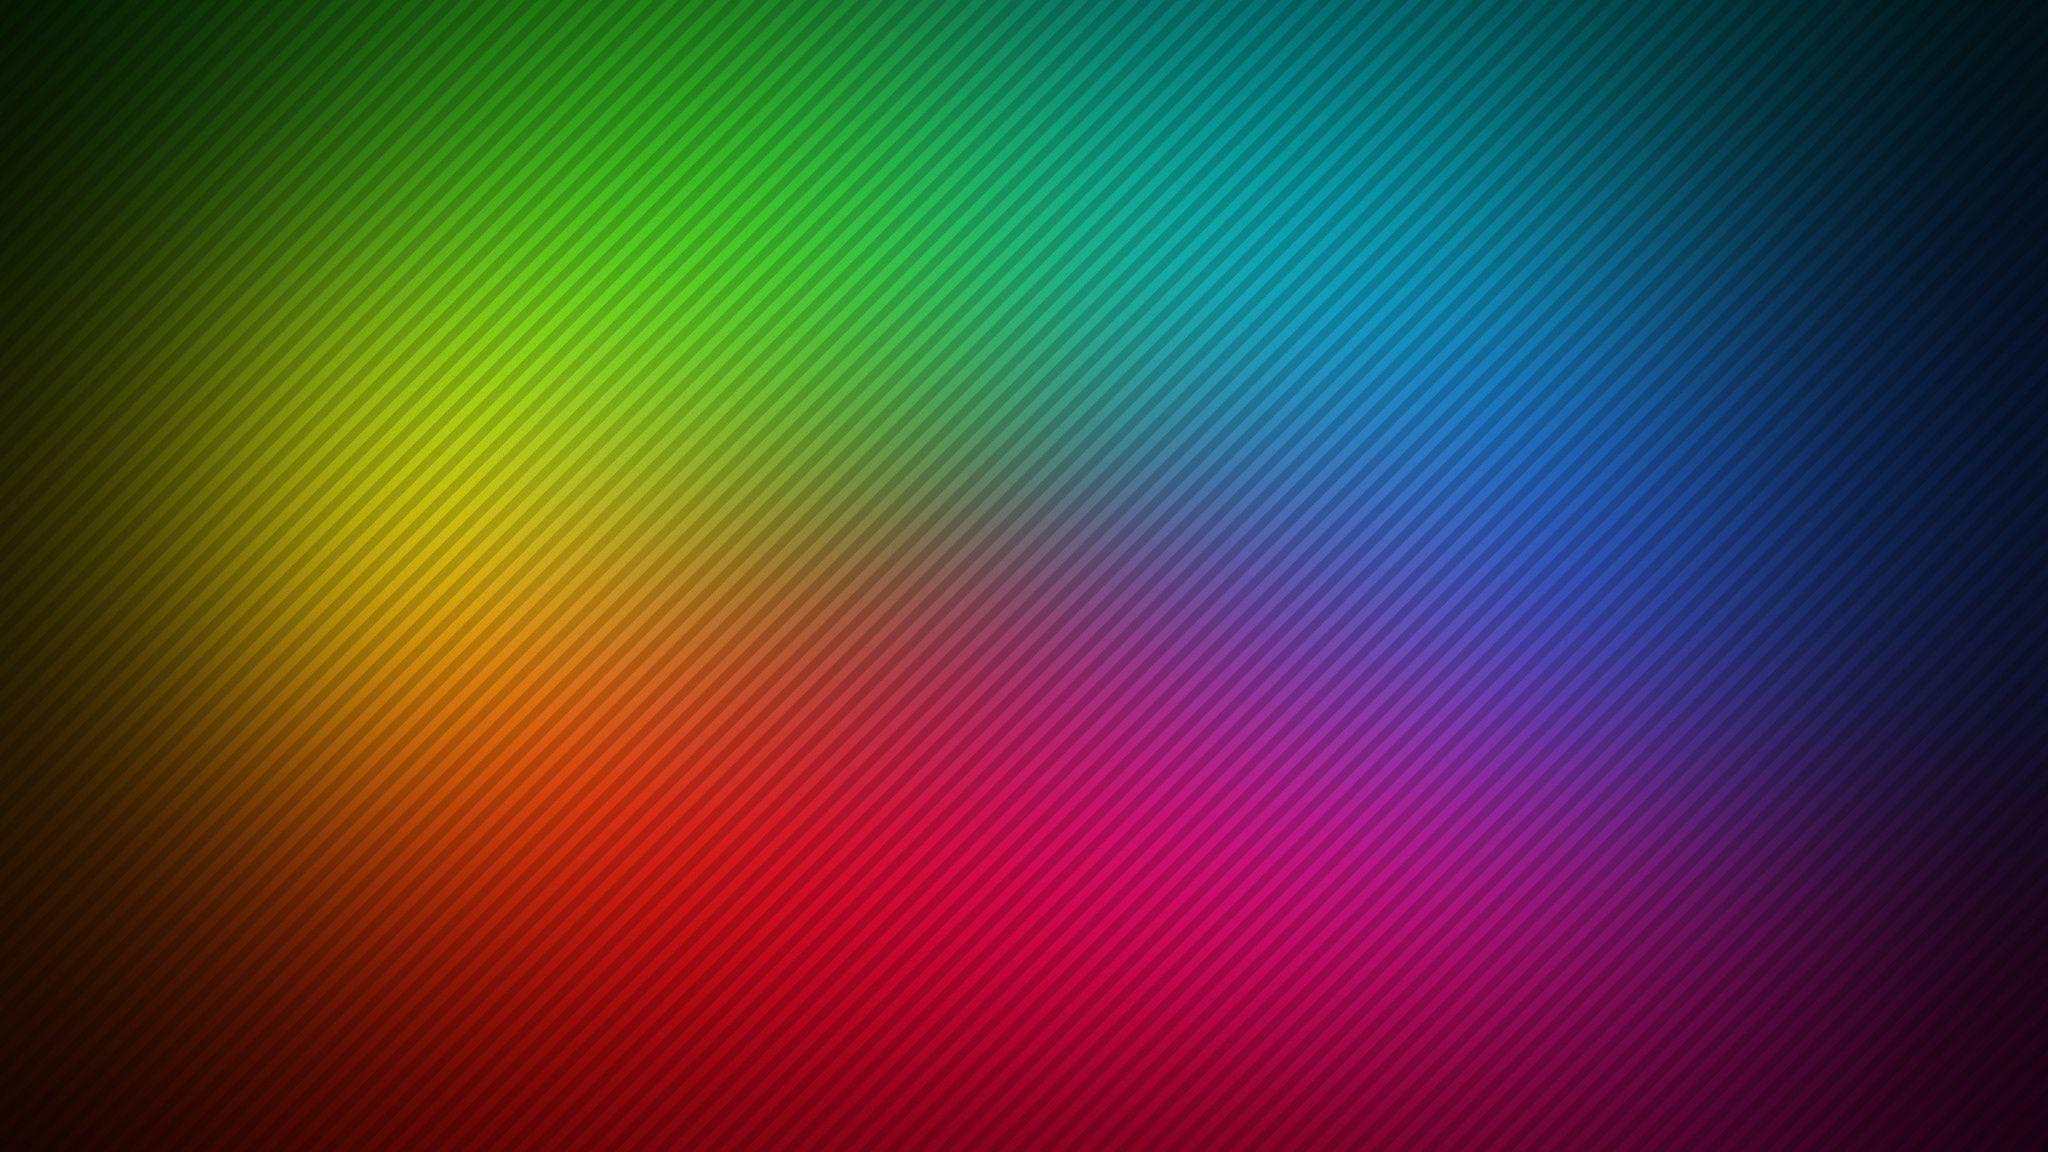 Banner 2048x1152 computer wallpaper